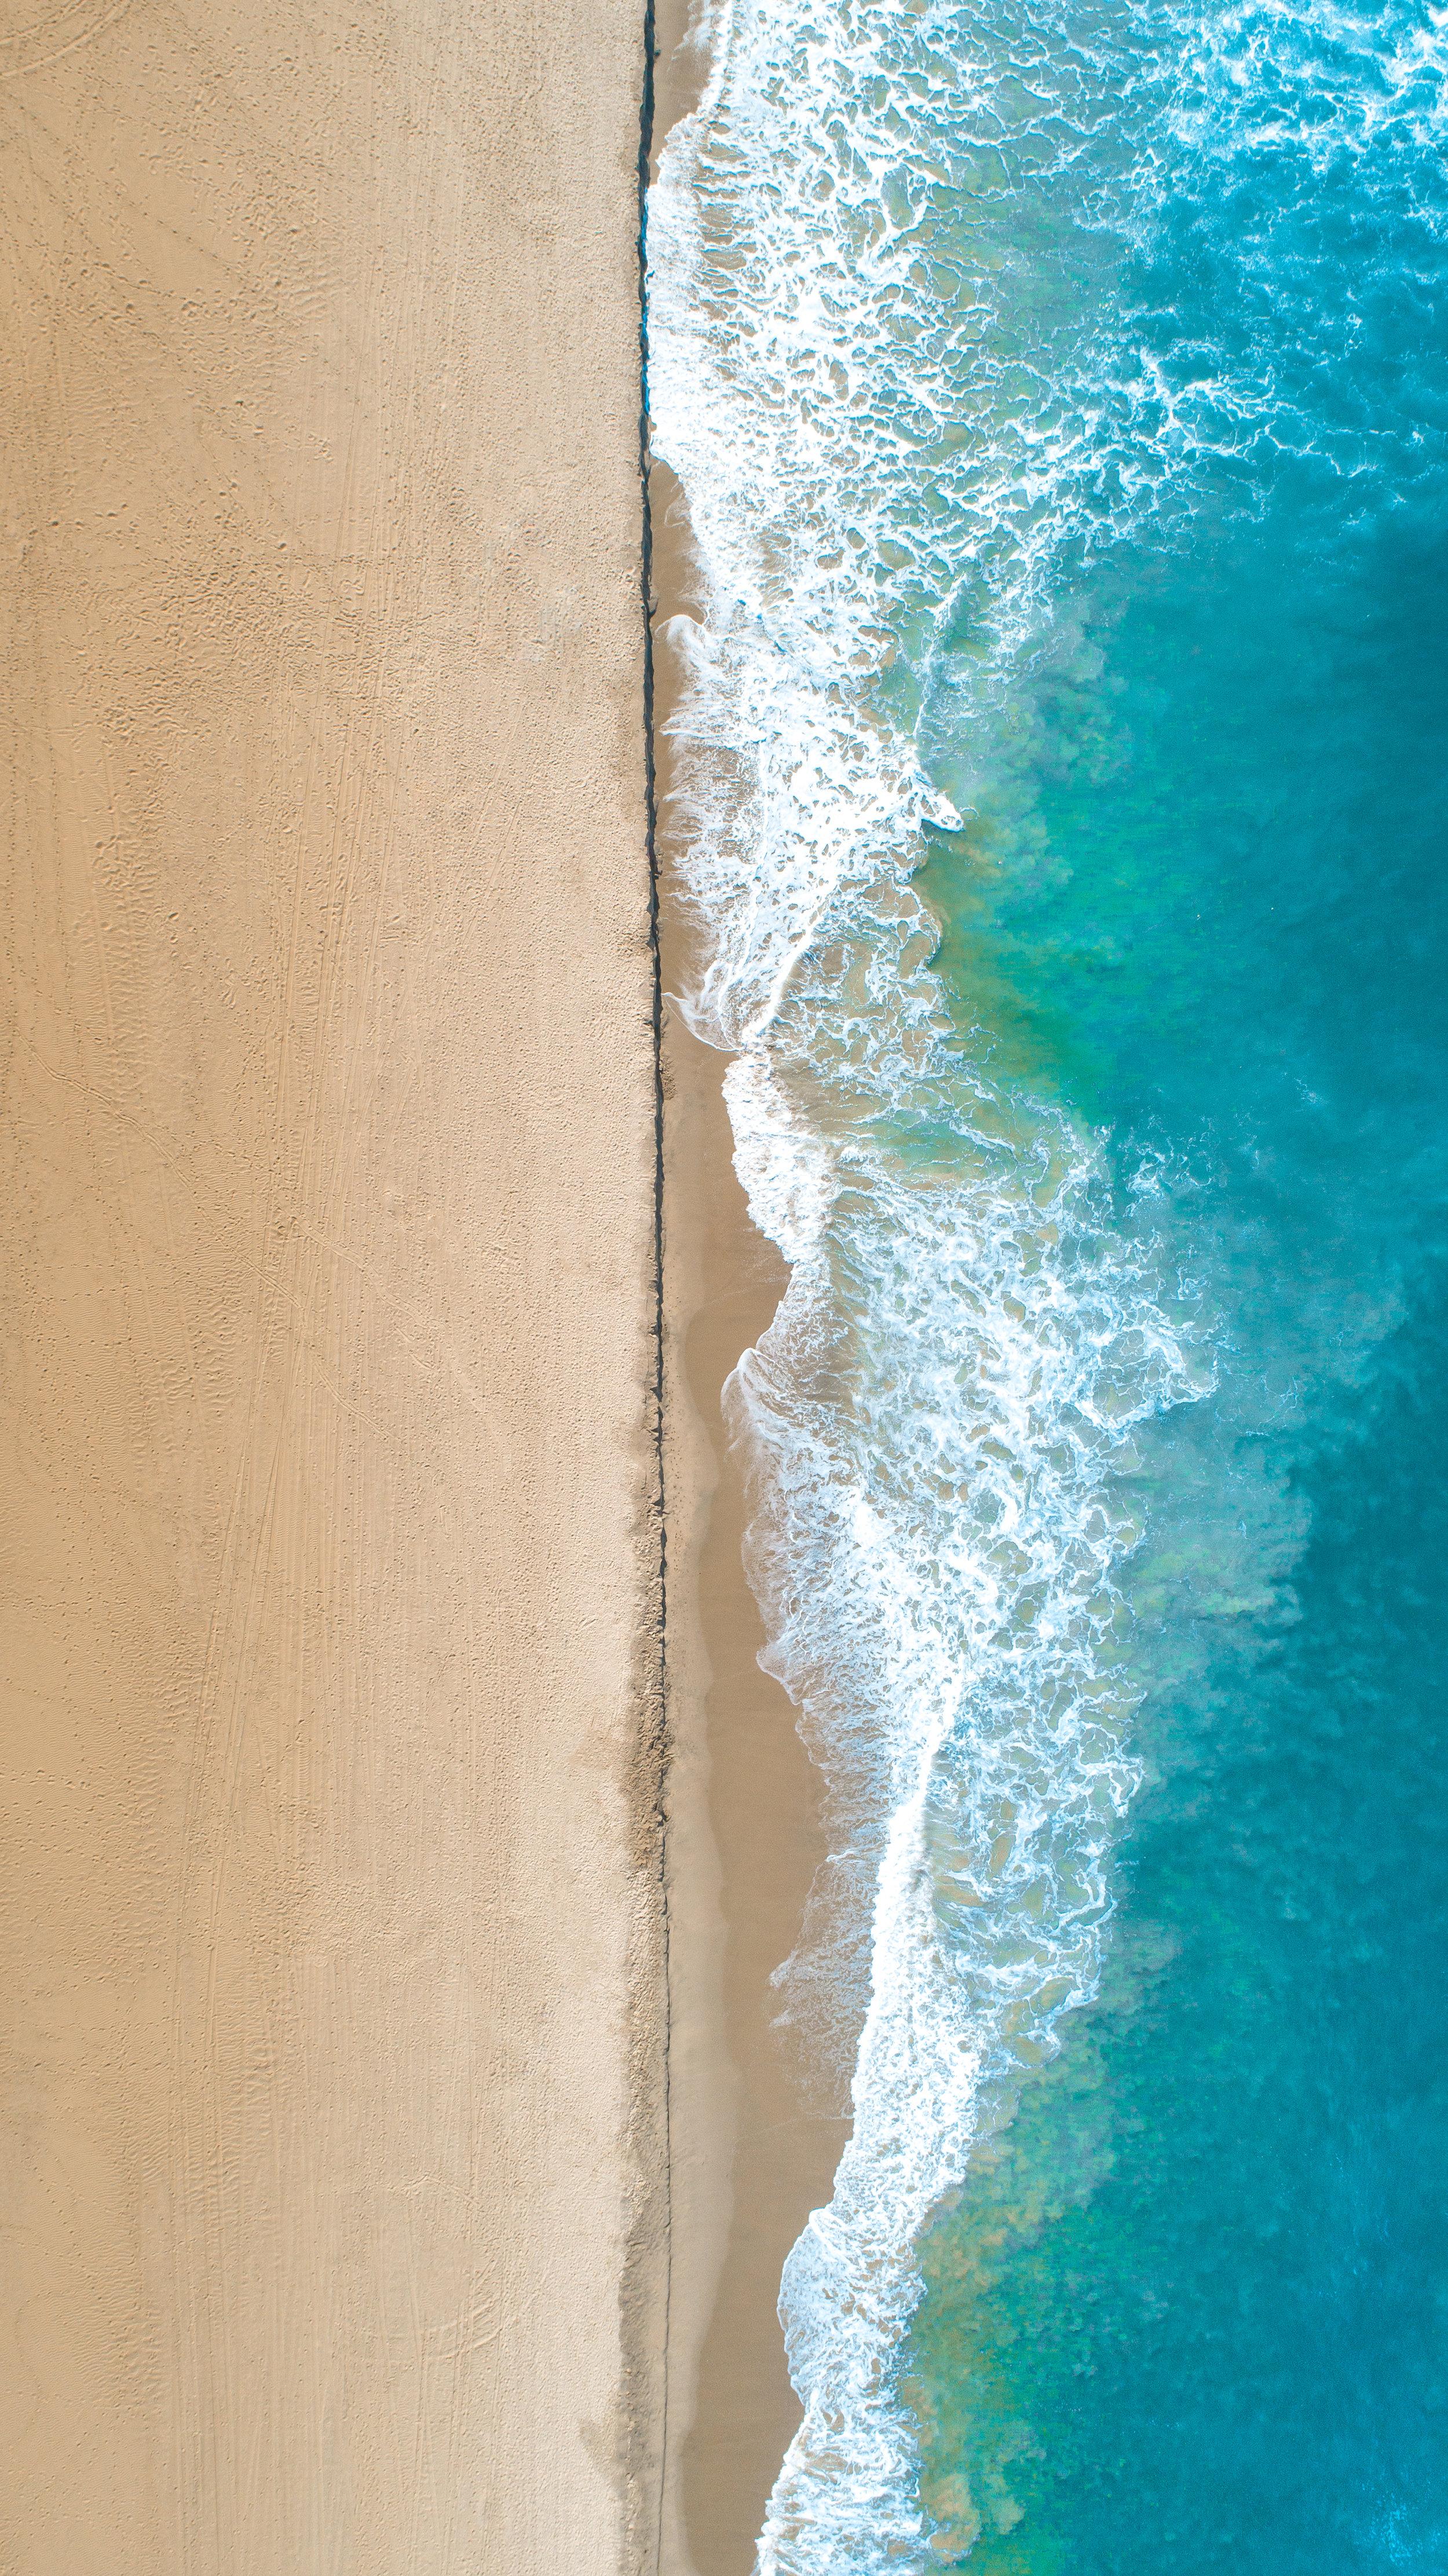 ABE1_Newport_Beach_Drone_Hi-Res-1.jpg